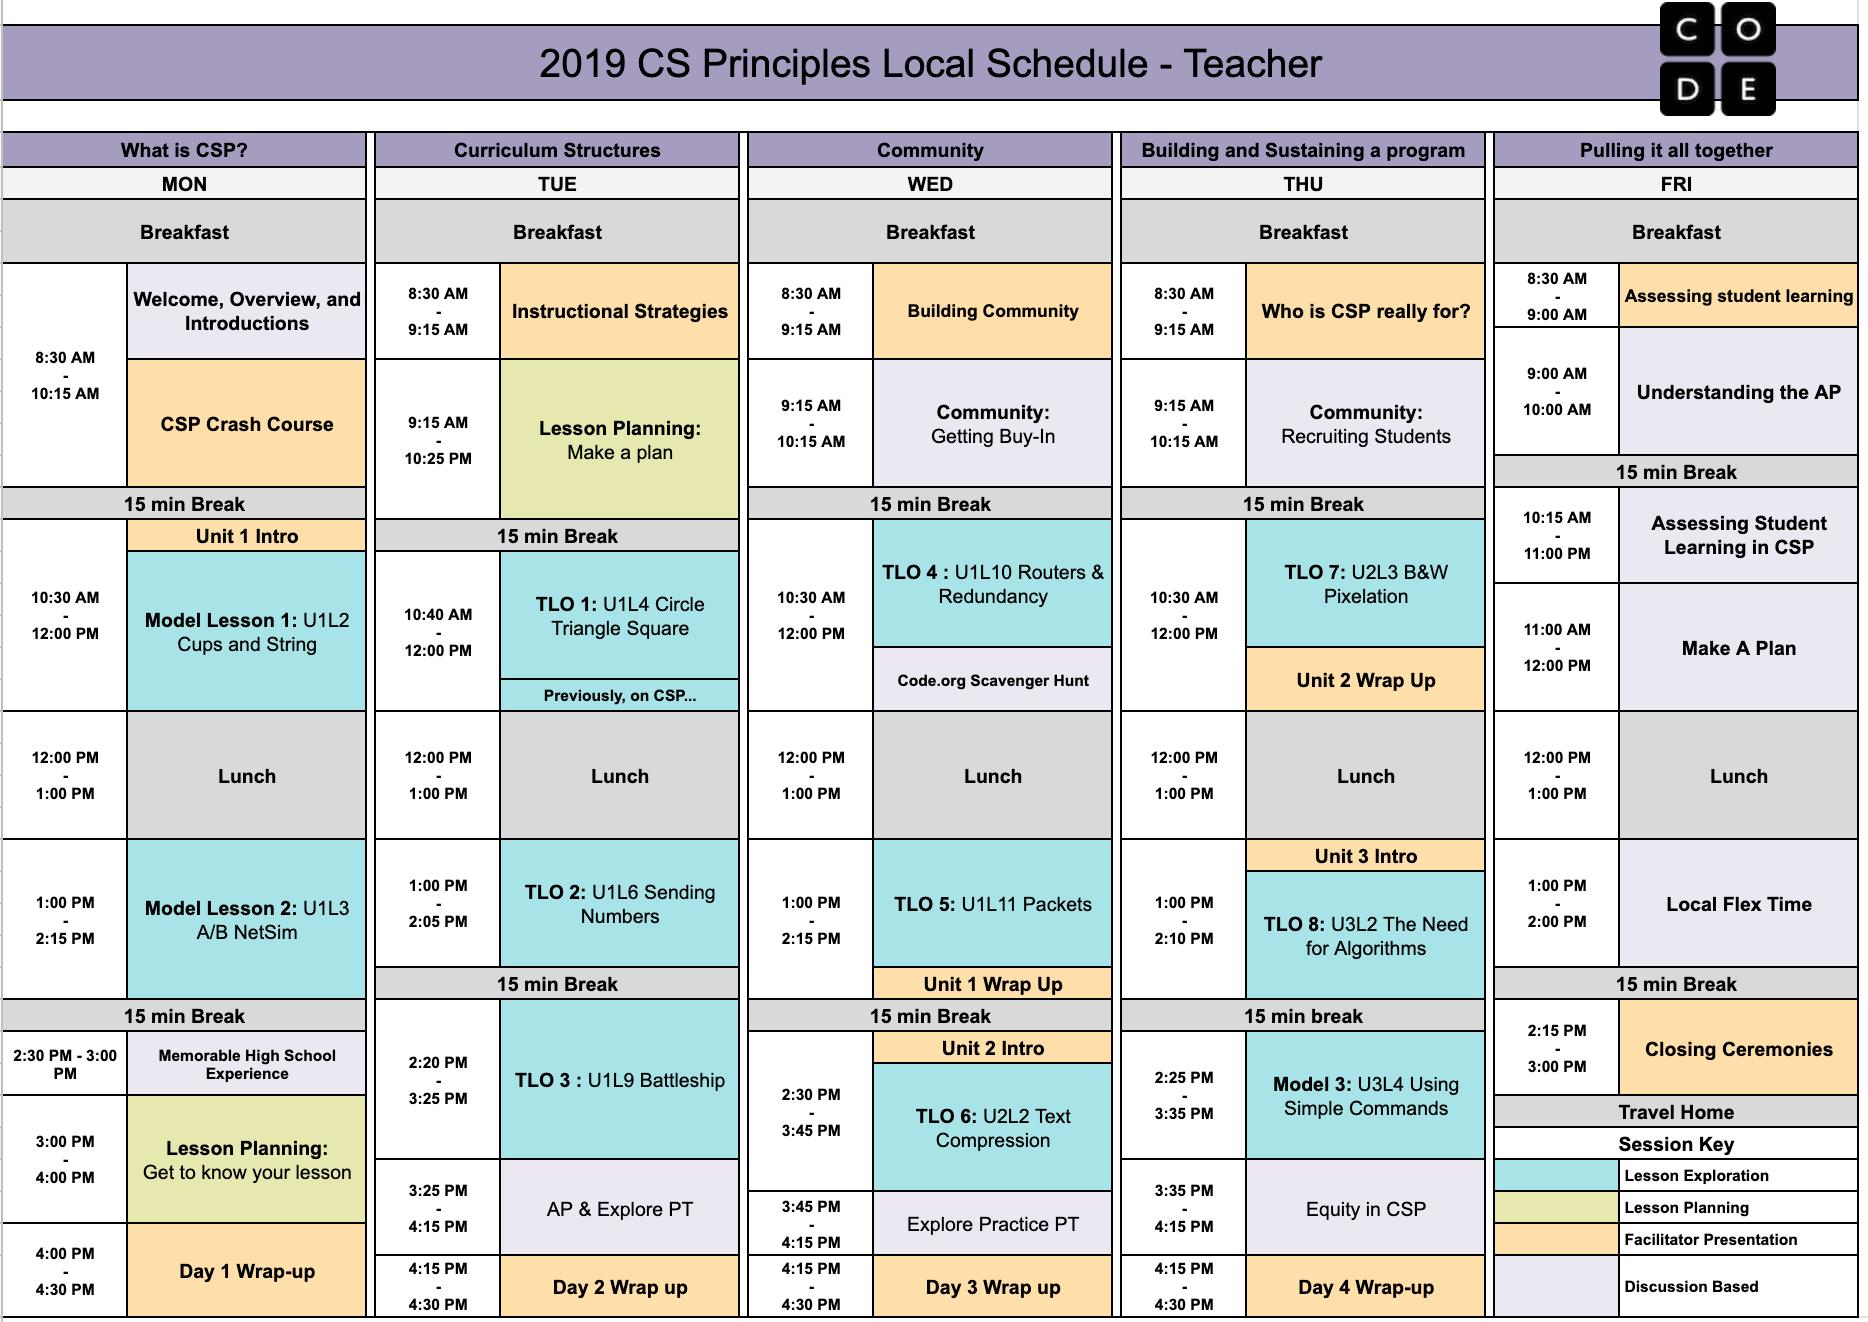 CS Principles Facilitator Resources 2019 | 2019 CS